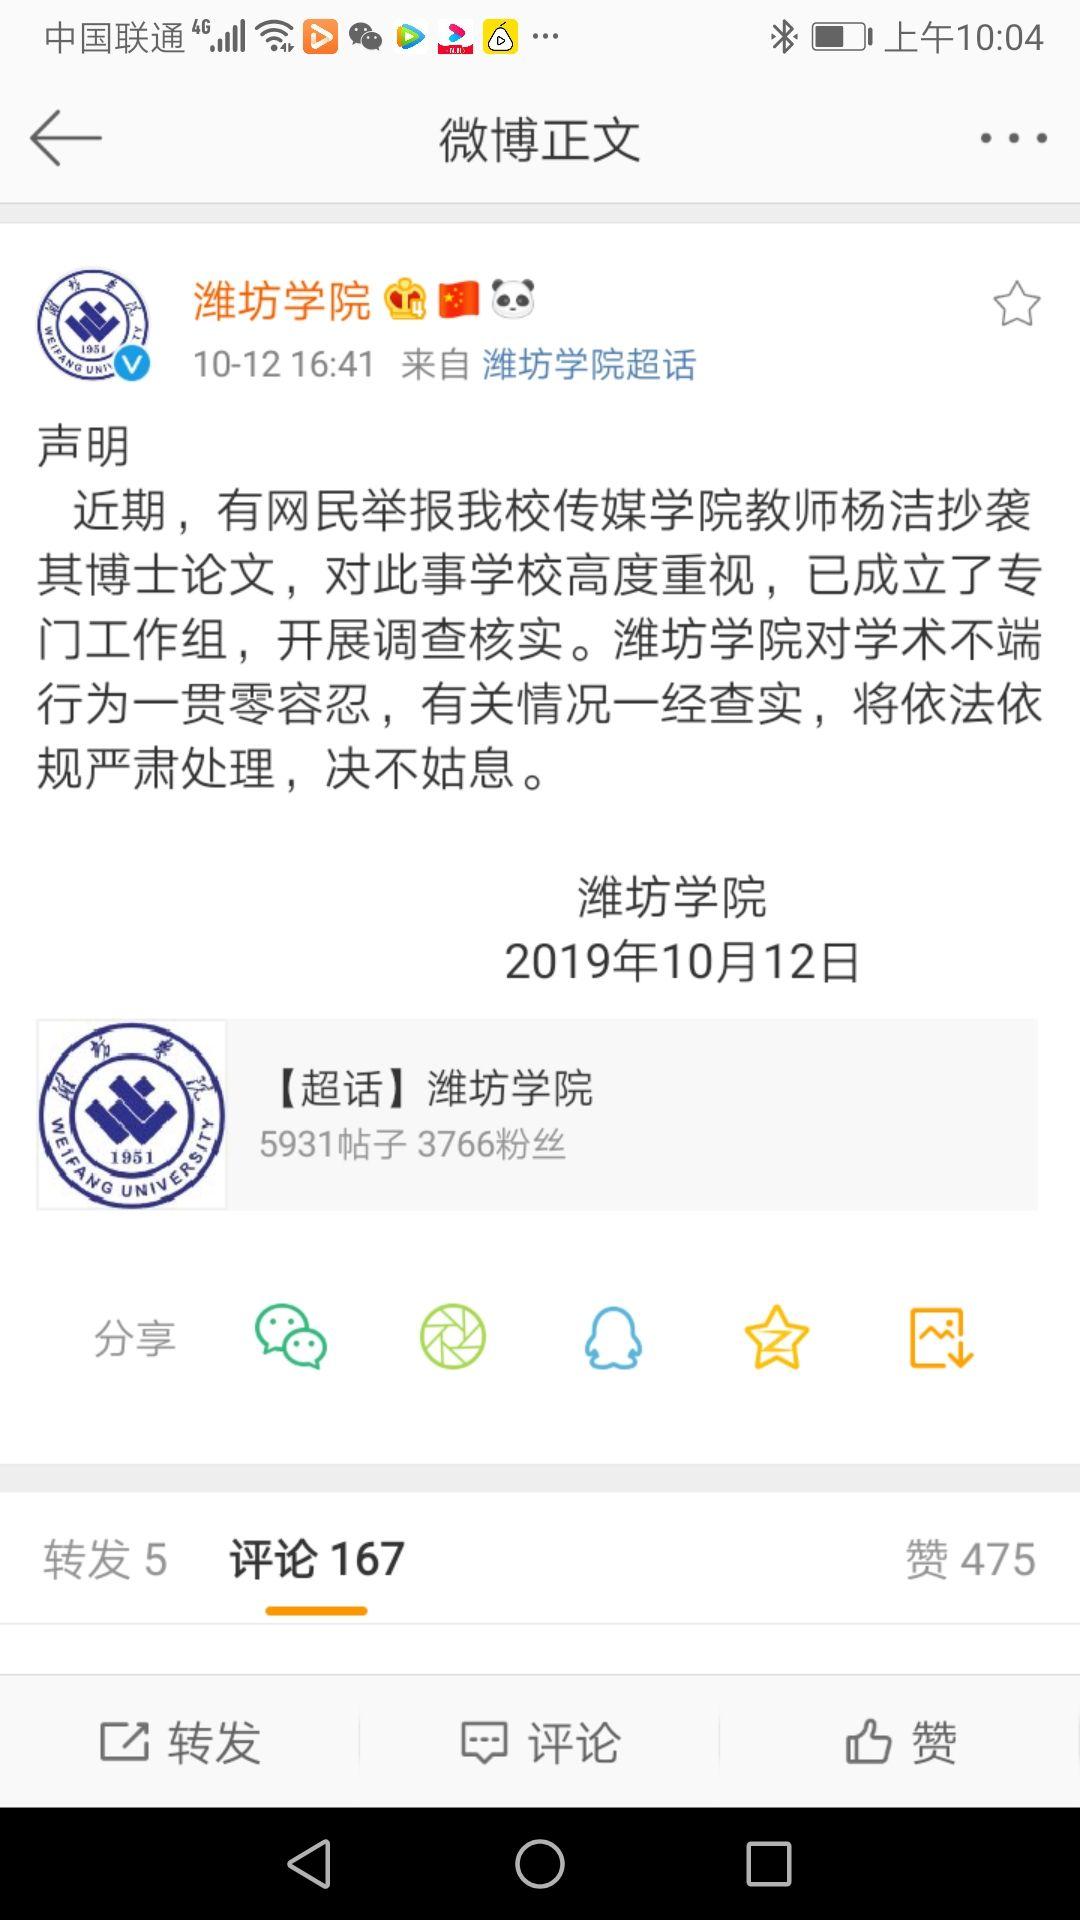 潍坊学院撤销涉论文抄袭教师杨洁副教授资格 调离教师岗